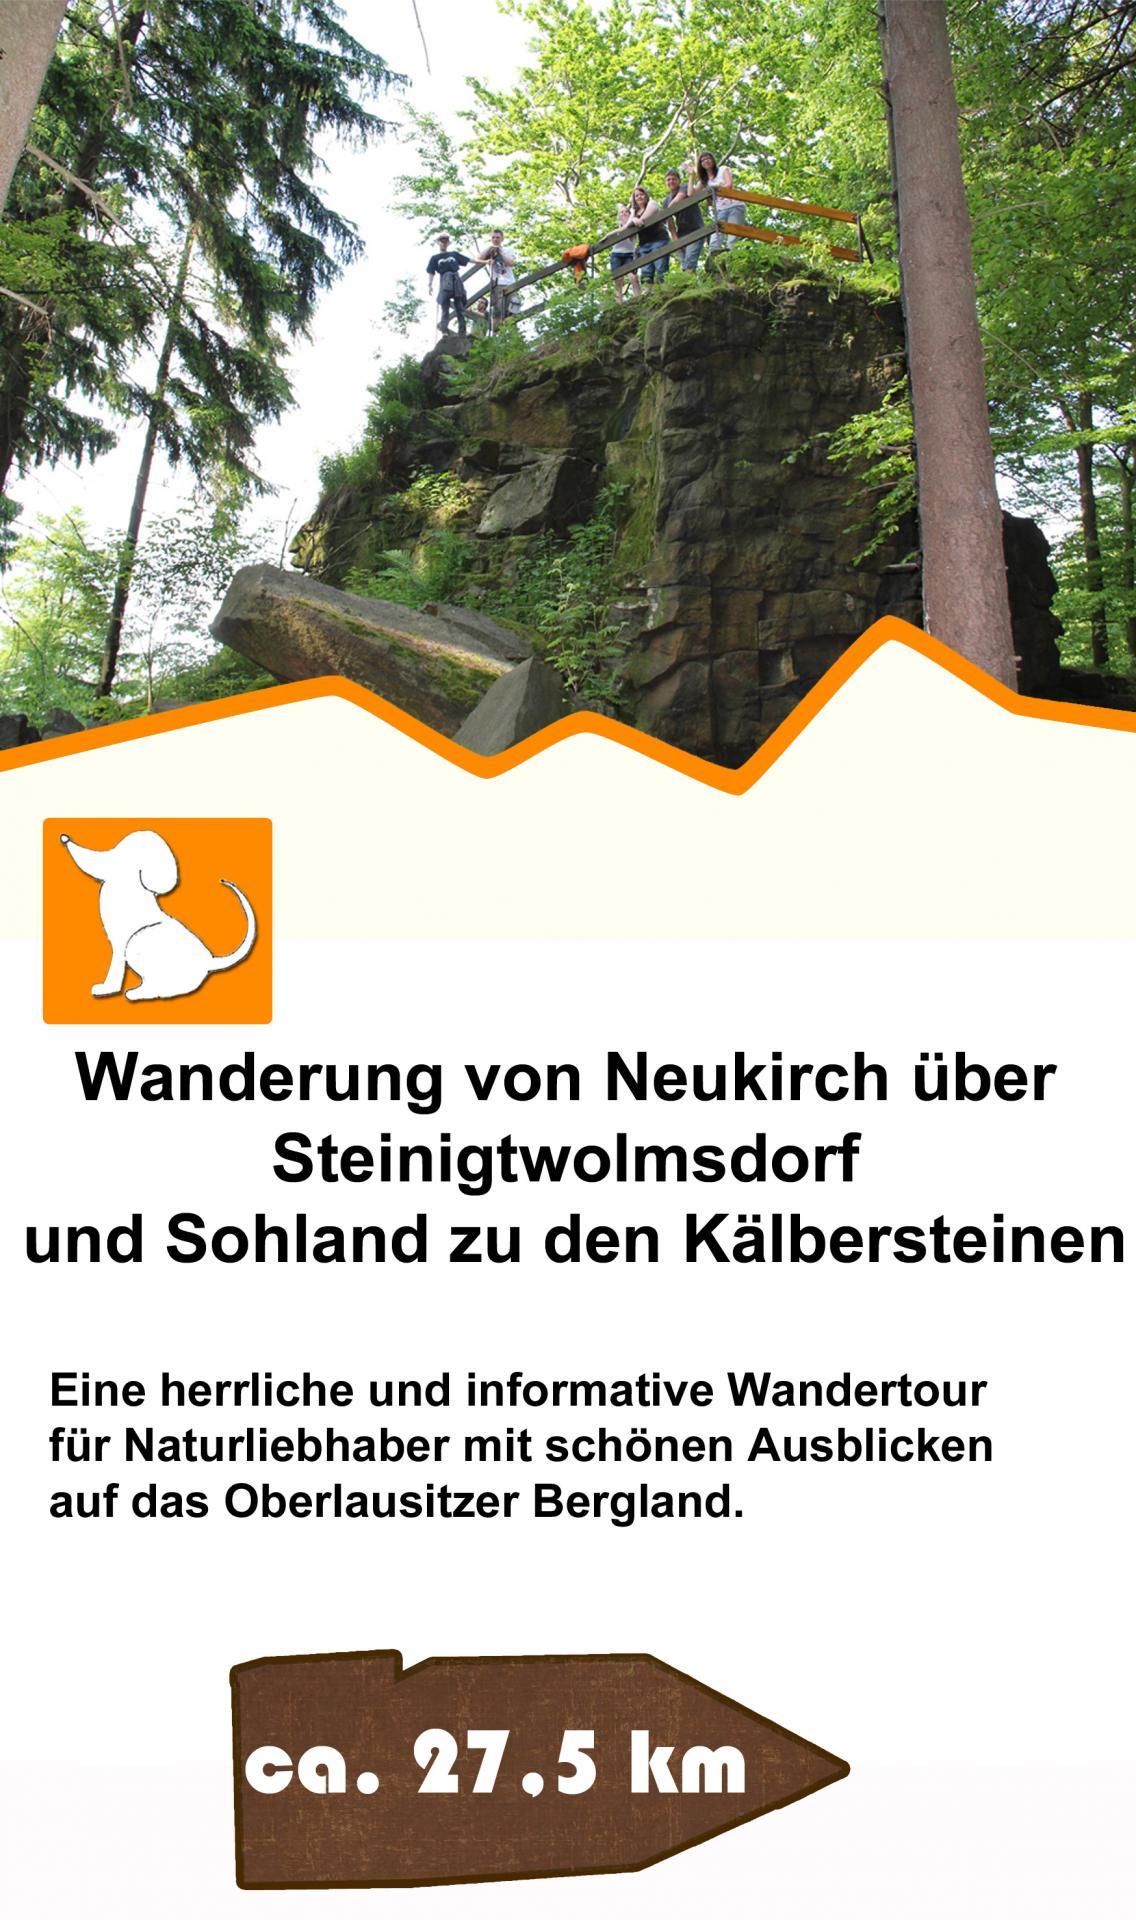 Wanderung Neukirch-Steinigtwolmsdorf-Sohland zu Kälbersteinen